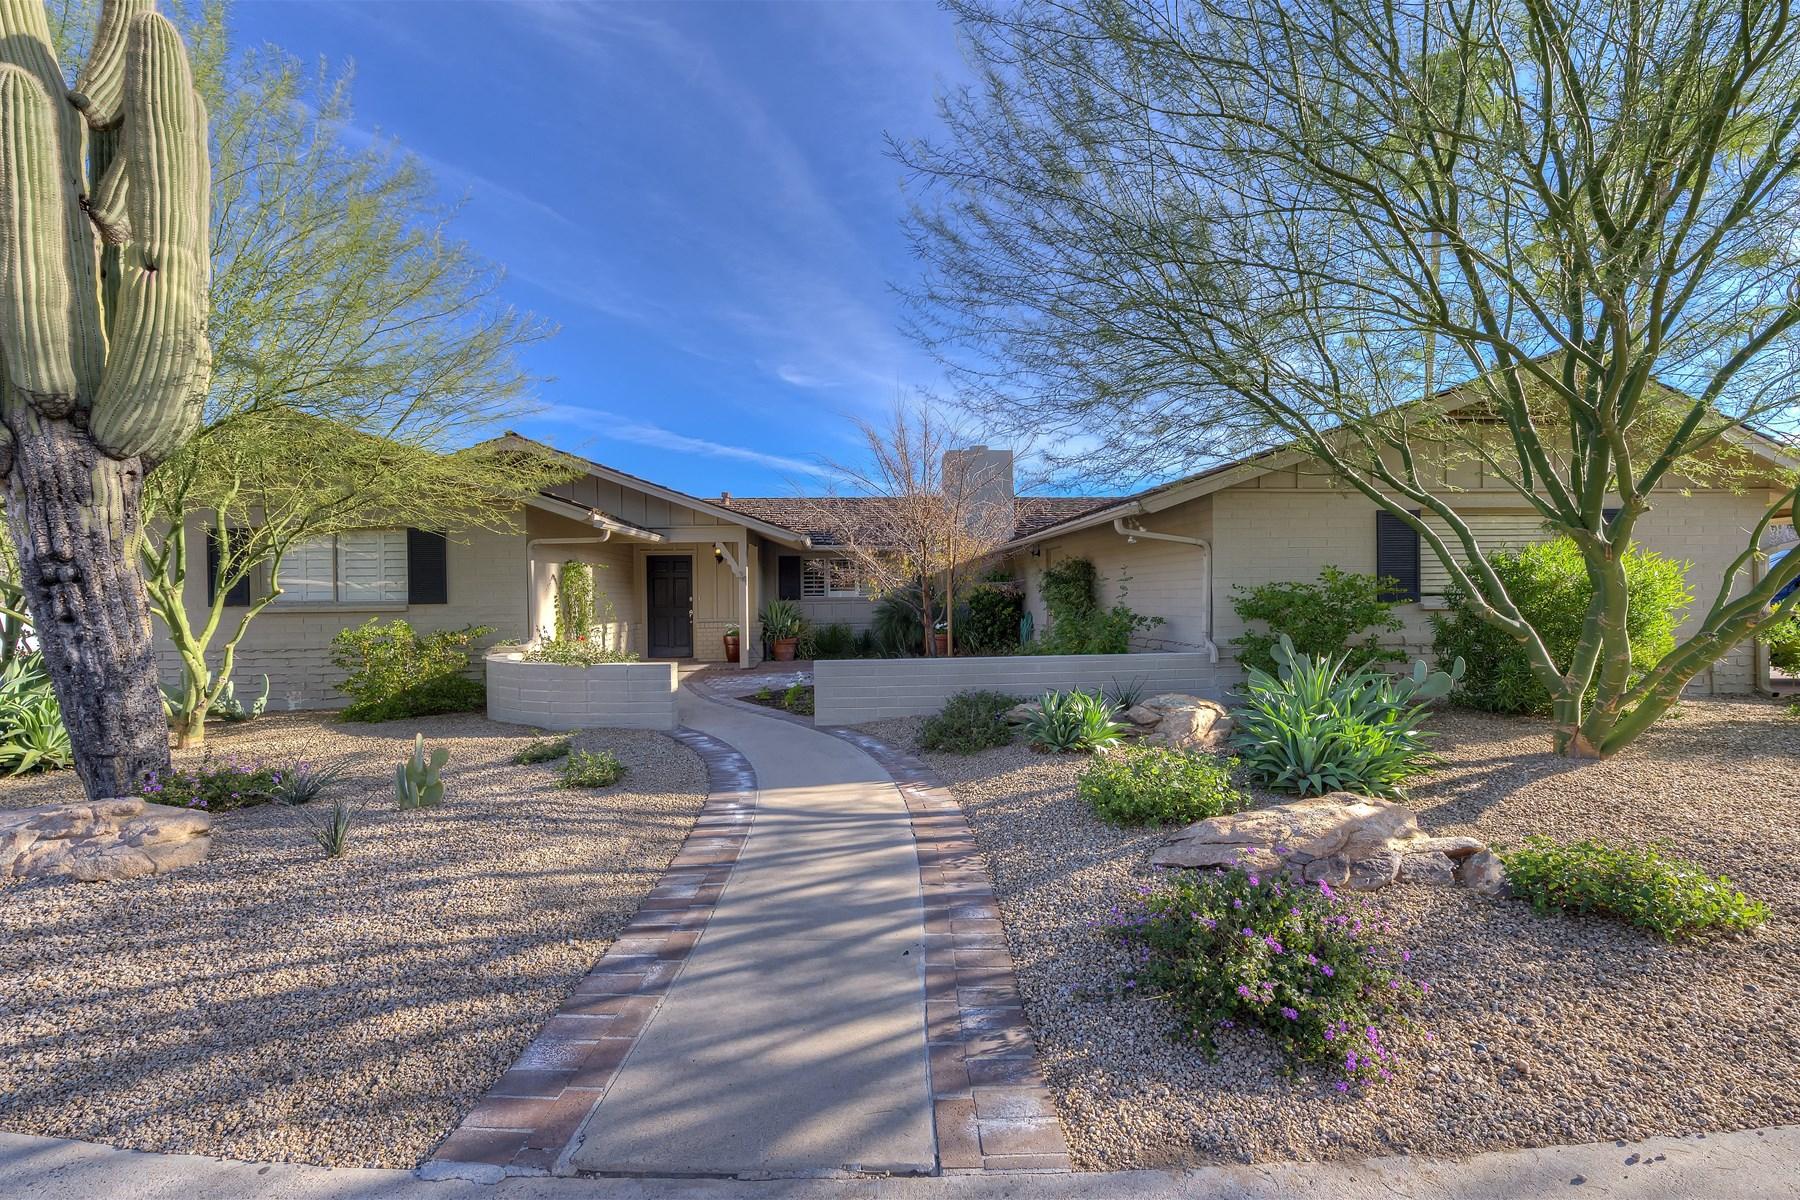 Maison unifamiliale pour l Vente à Well Maintained Home in Fabulous Paradise Valley Location 5635 E Lincoln Drive #34 Paradise Valley, Arizona 85253 États-Unis